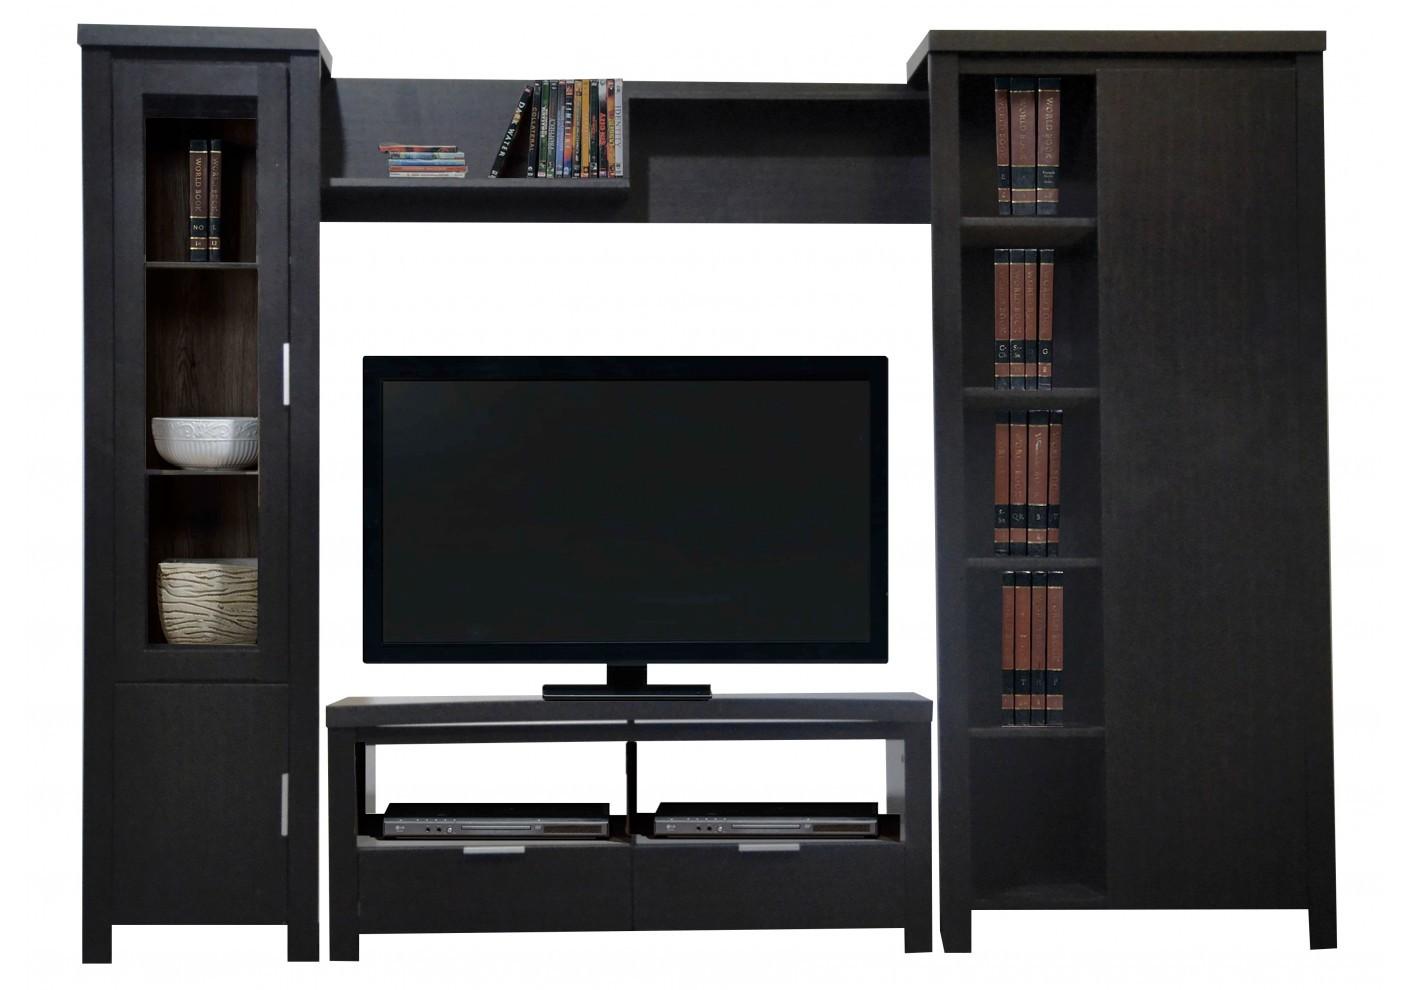 Mur Tv Luxe Petit Meuble Tv Design Home Cinema Integre